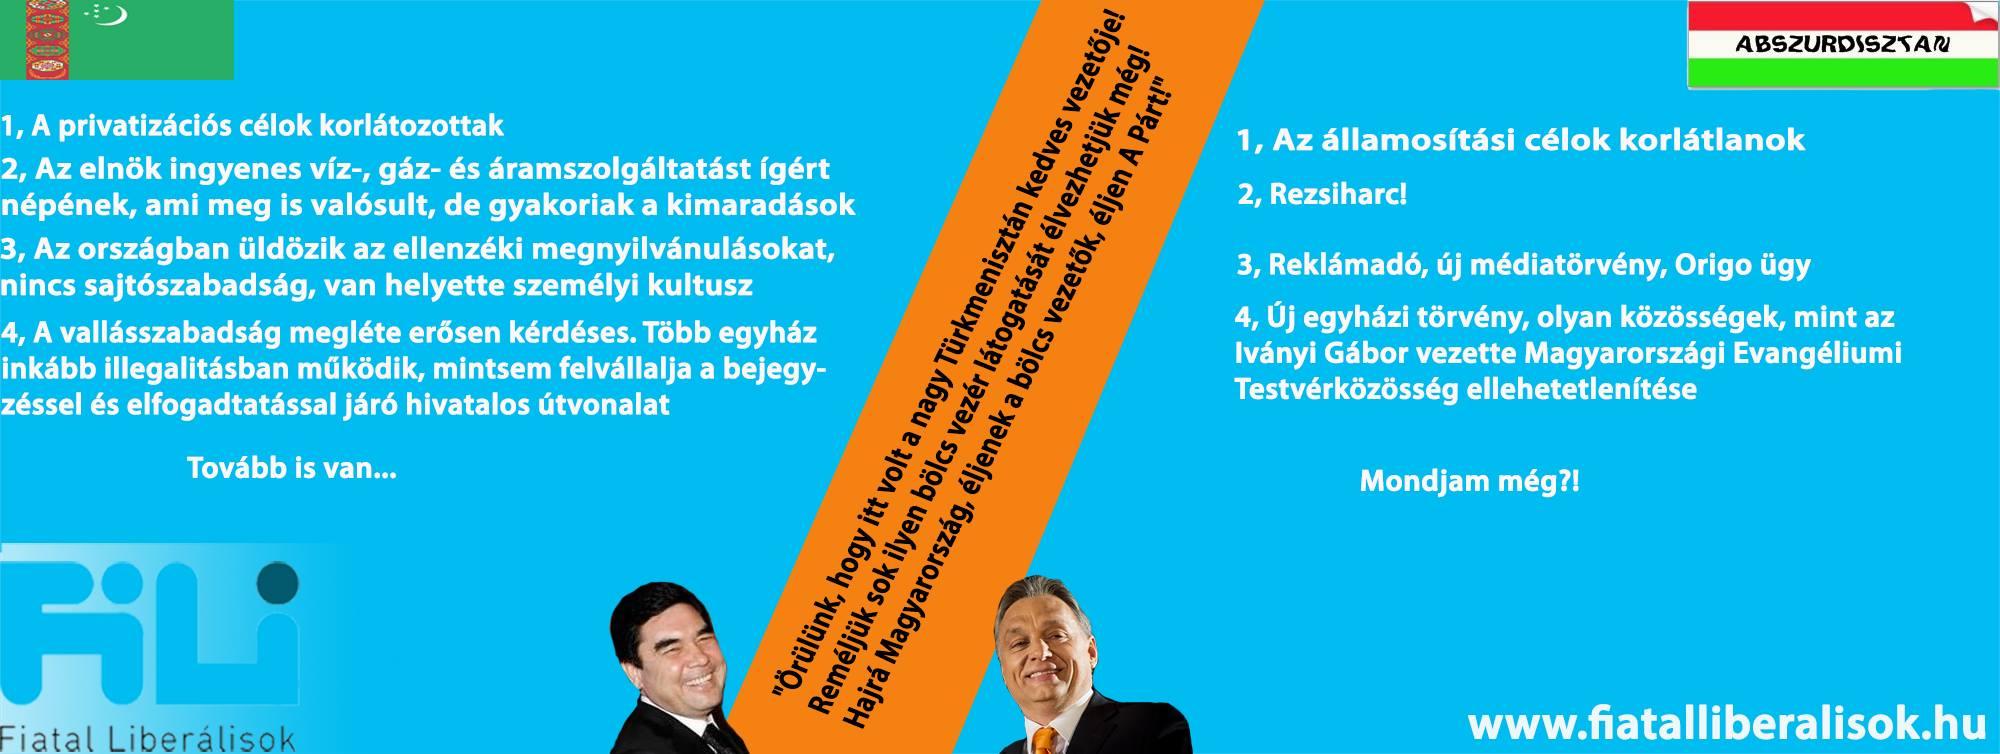 Türkmenisztán - Abszurdisztán összehasonlítás.jpg